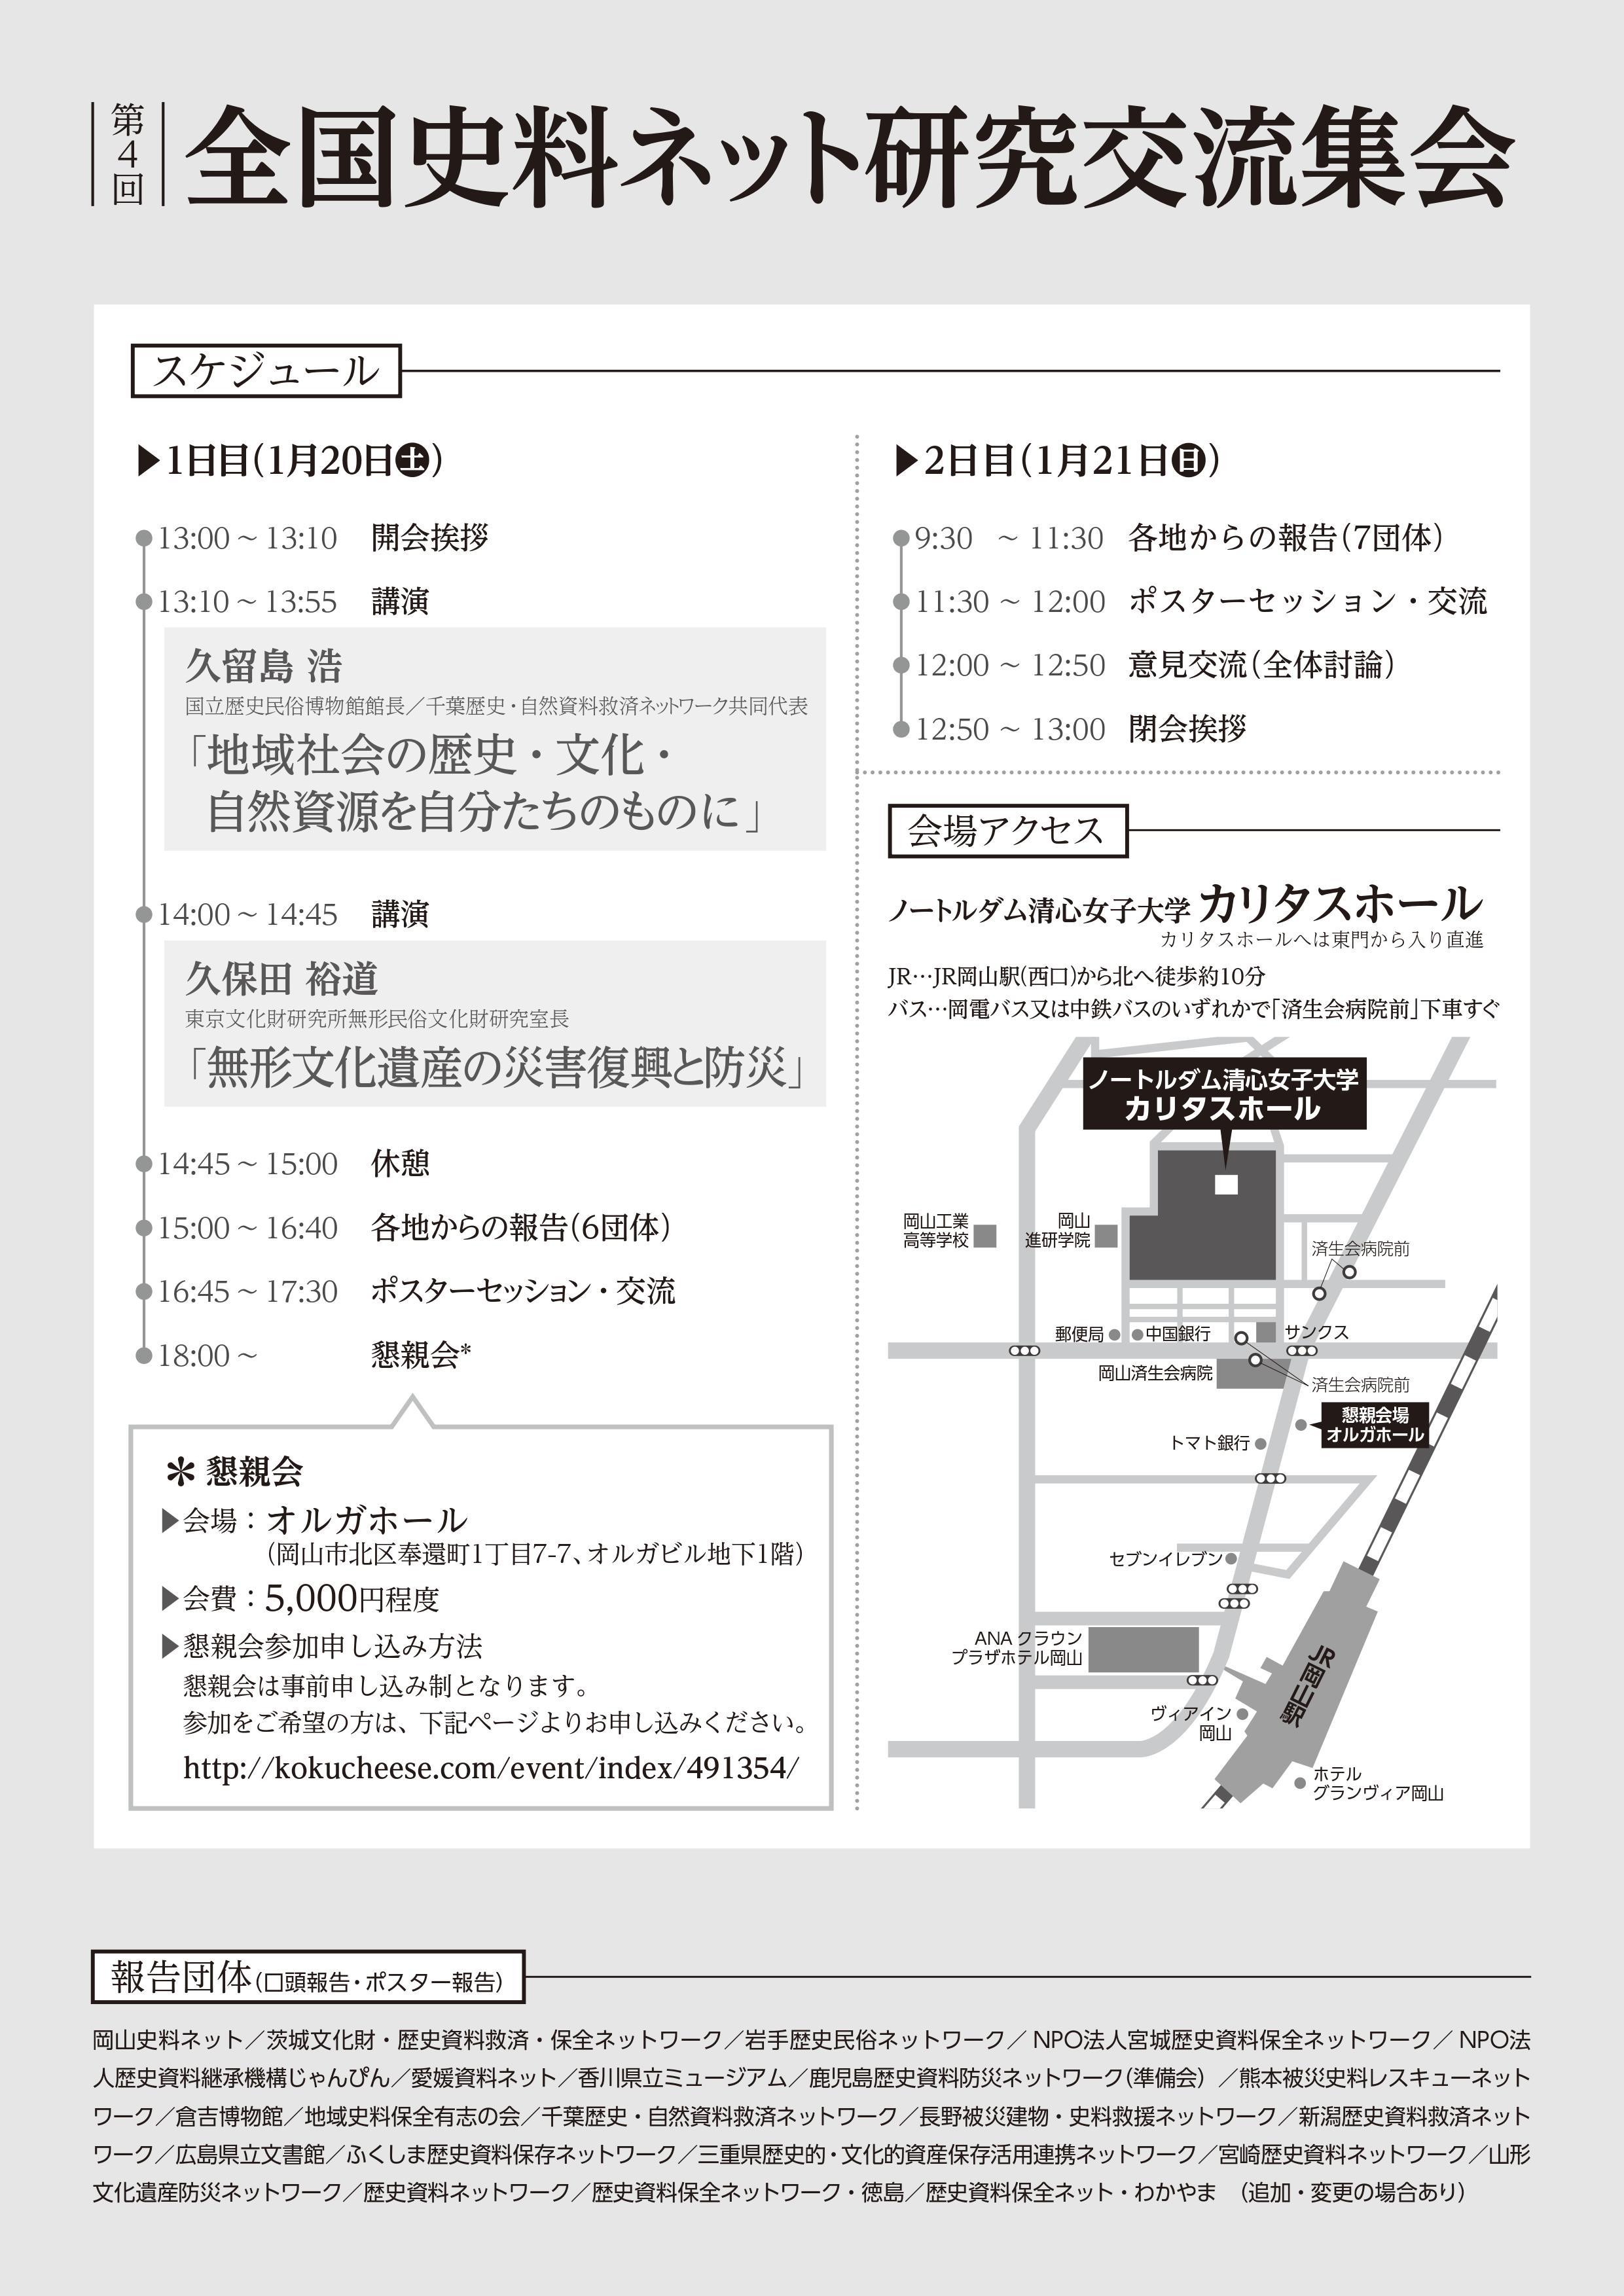 第4回全国史料ネット研究交流集会チラシ(裏)